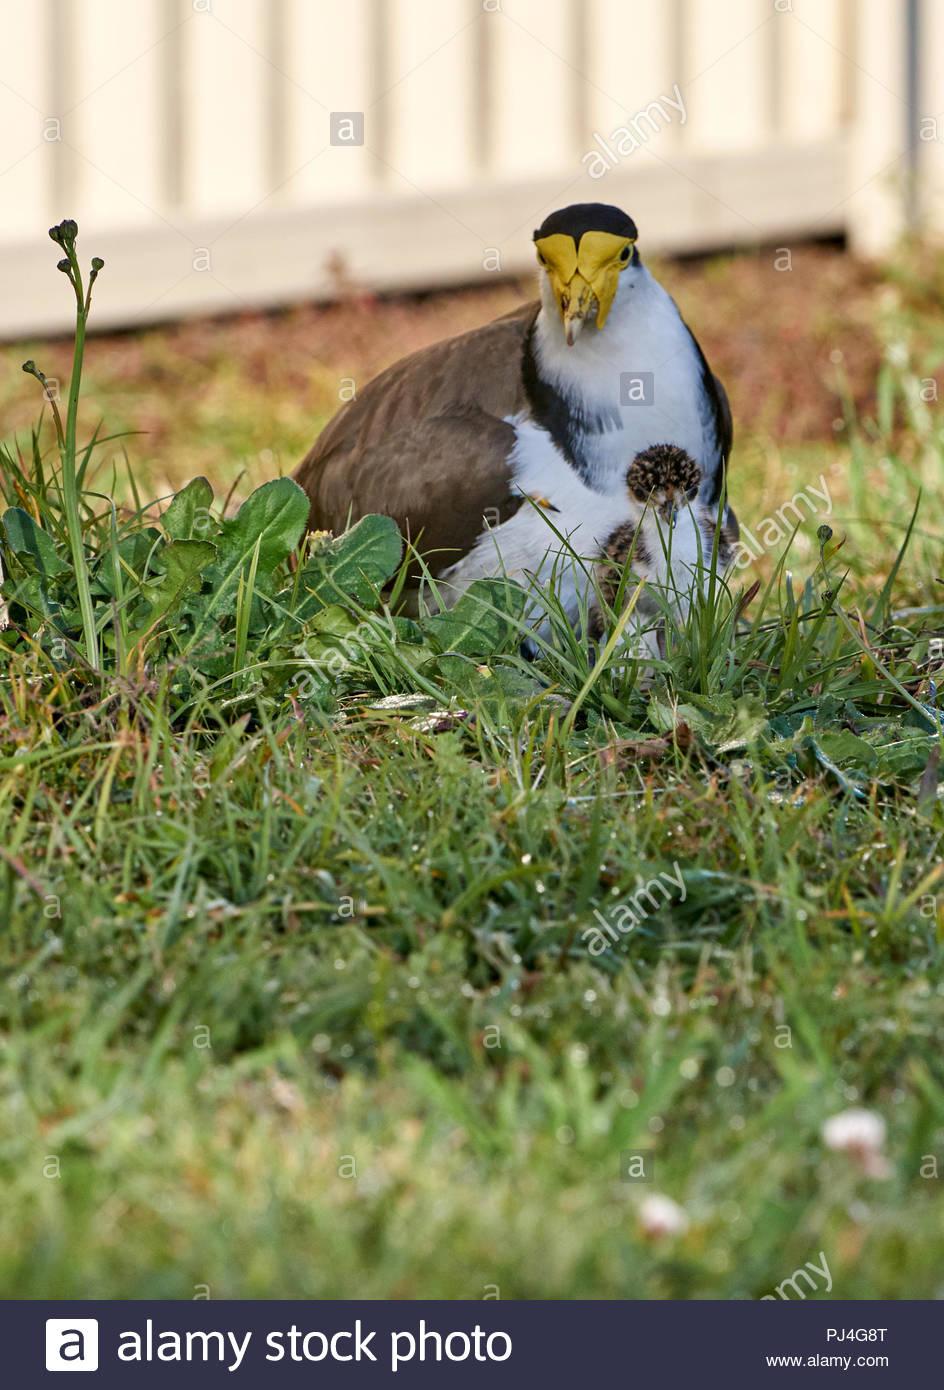 Un australiano Plover(Vanellus miglia) - mascherata Pavoncella - seduta su di esso's Nest, con un nuovo pulcino tratteggiata accoccolato accanto; nel pomeriggio di sole. Immagini Stock